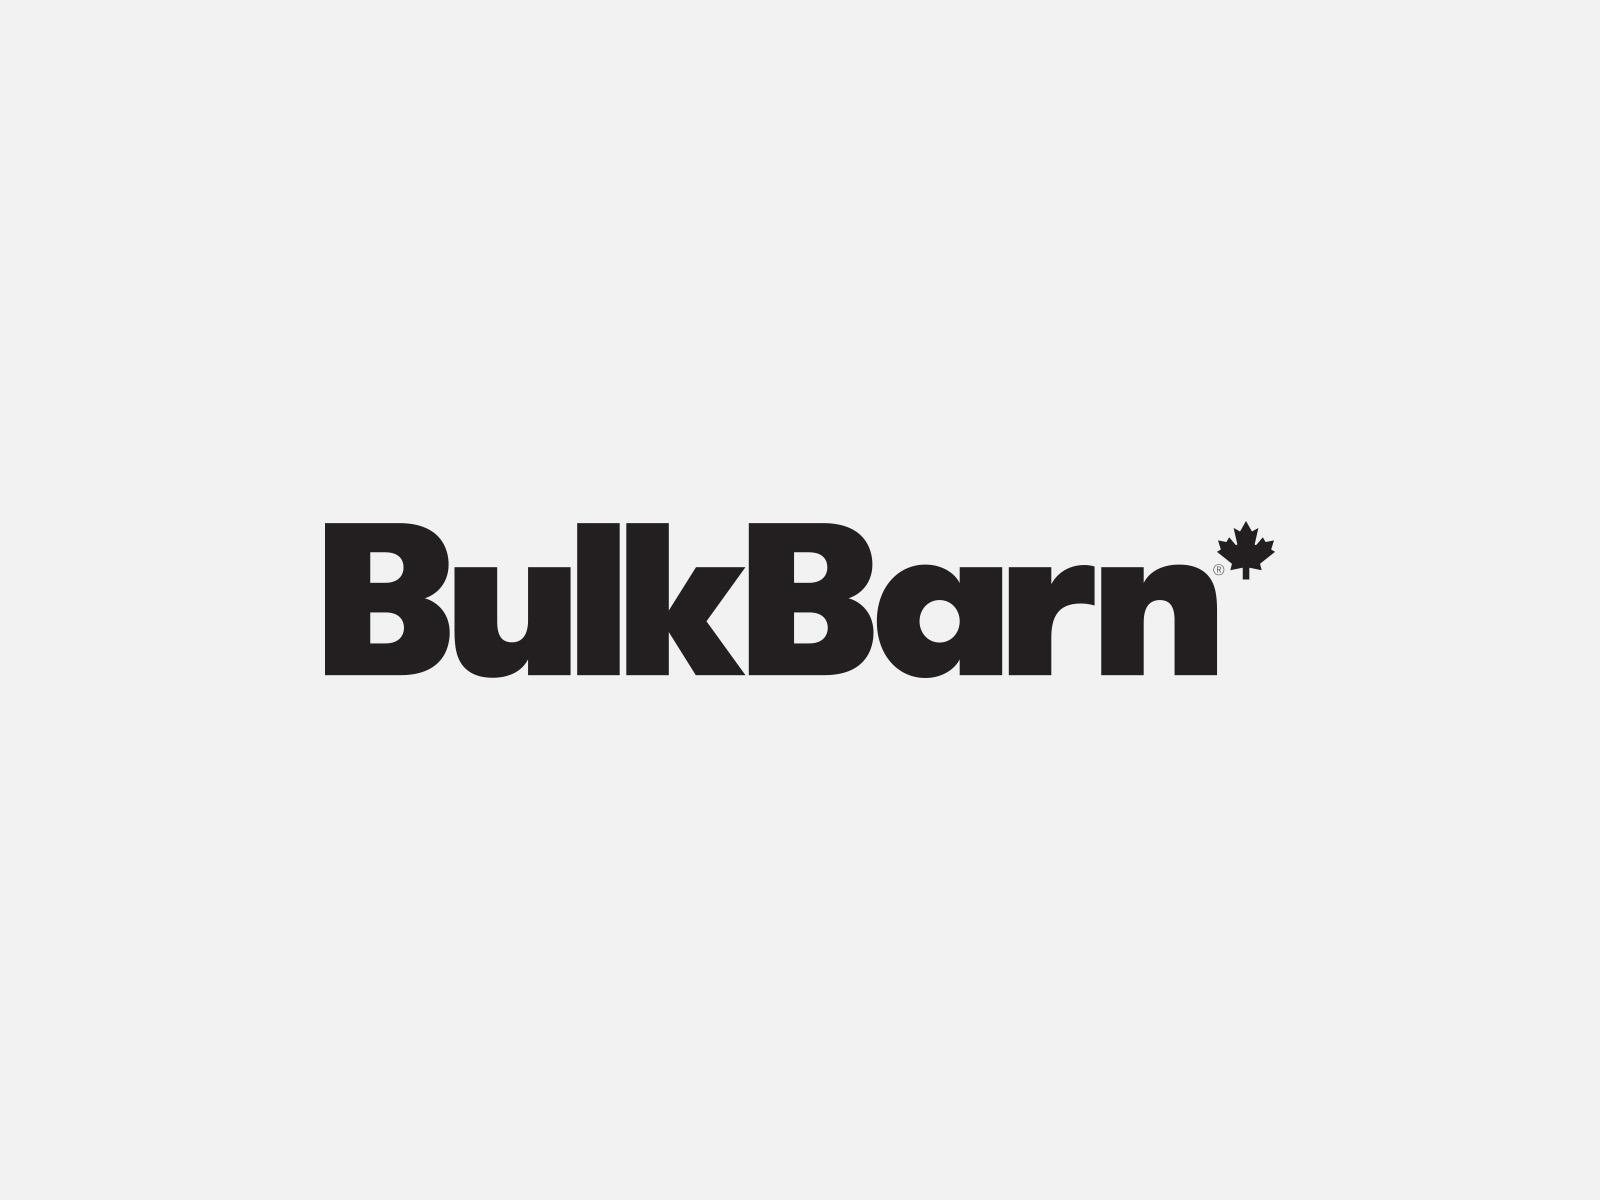 Bulk Barn by Leo Burnett Design